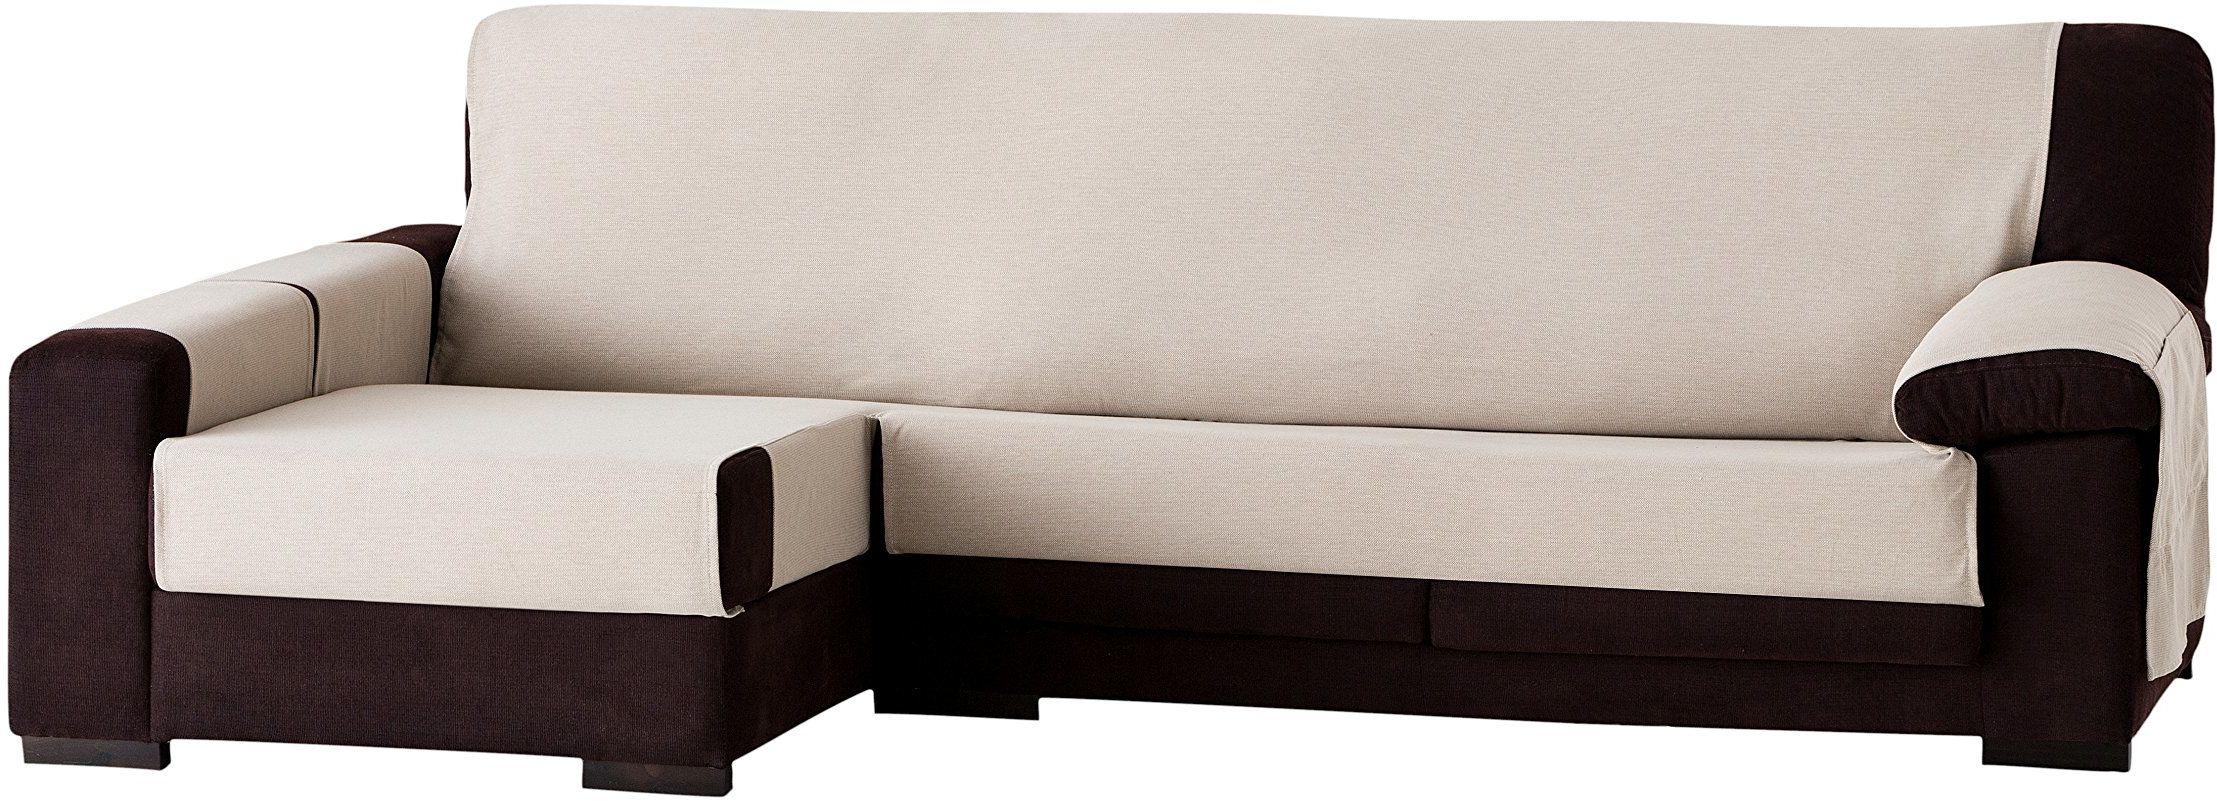 Eysa Constanza nieelastyczna narzuta na sofę o długości 240 cm po lewej stronie, widok z przodu, bawełna, 01-len, 37 x 9 x 29 cm